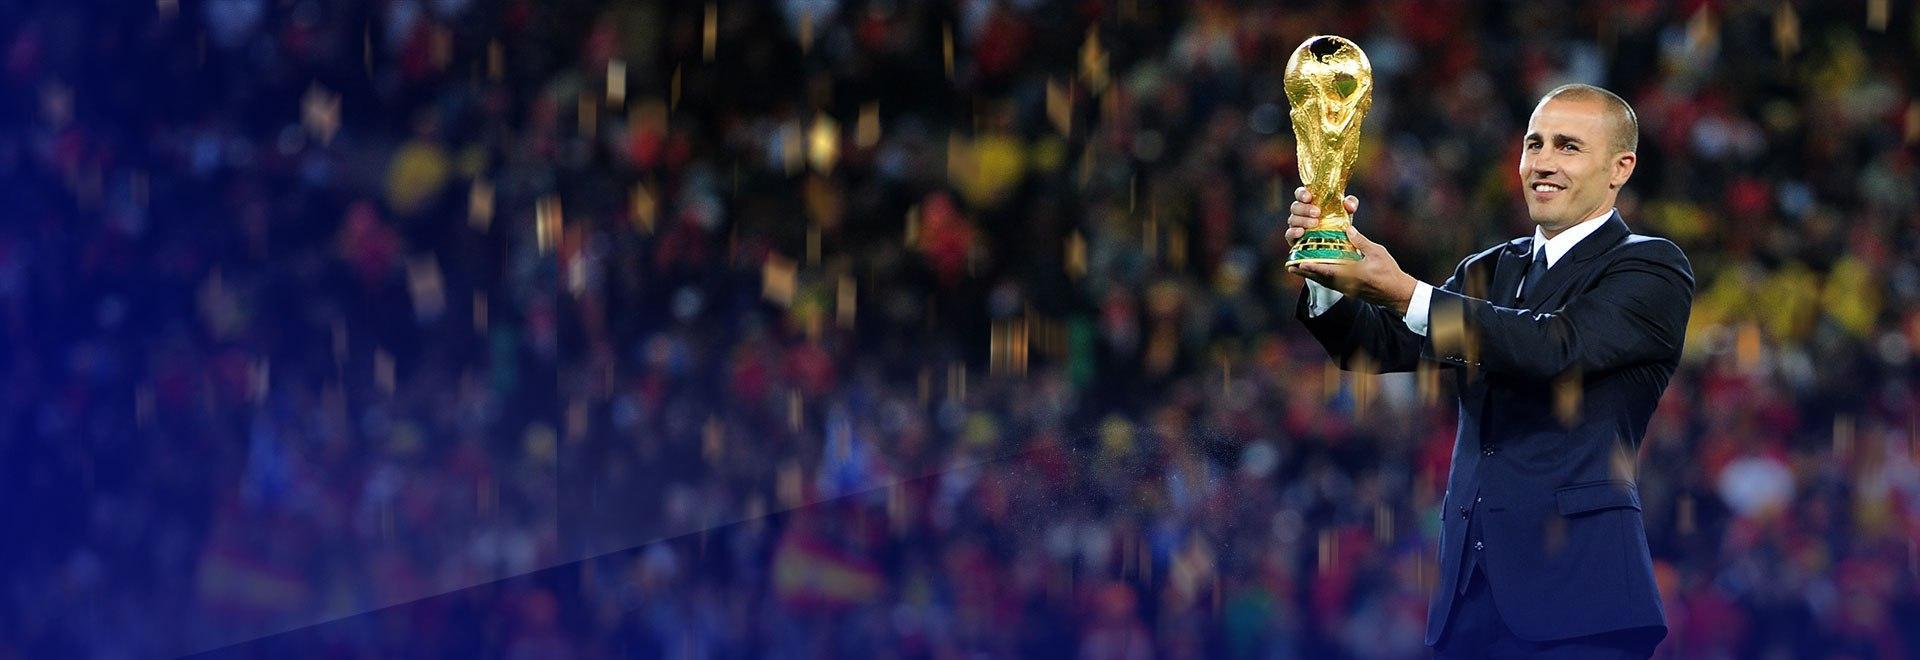 Portogallo - Messico. Girone D 3a g.